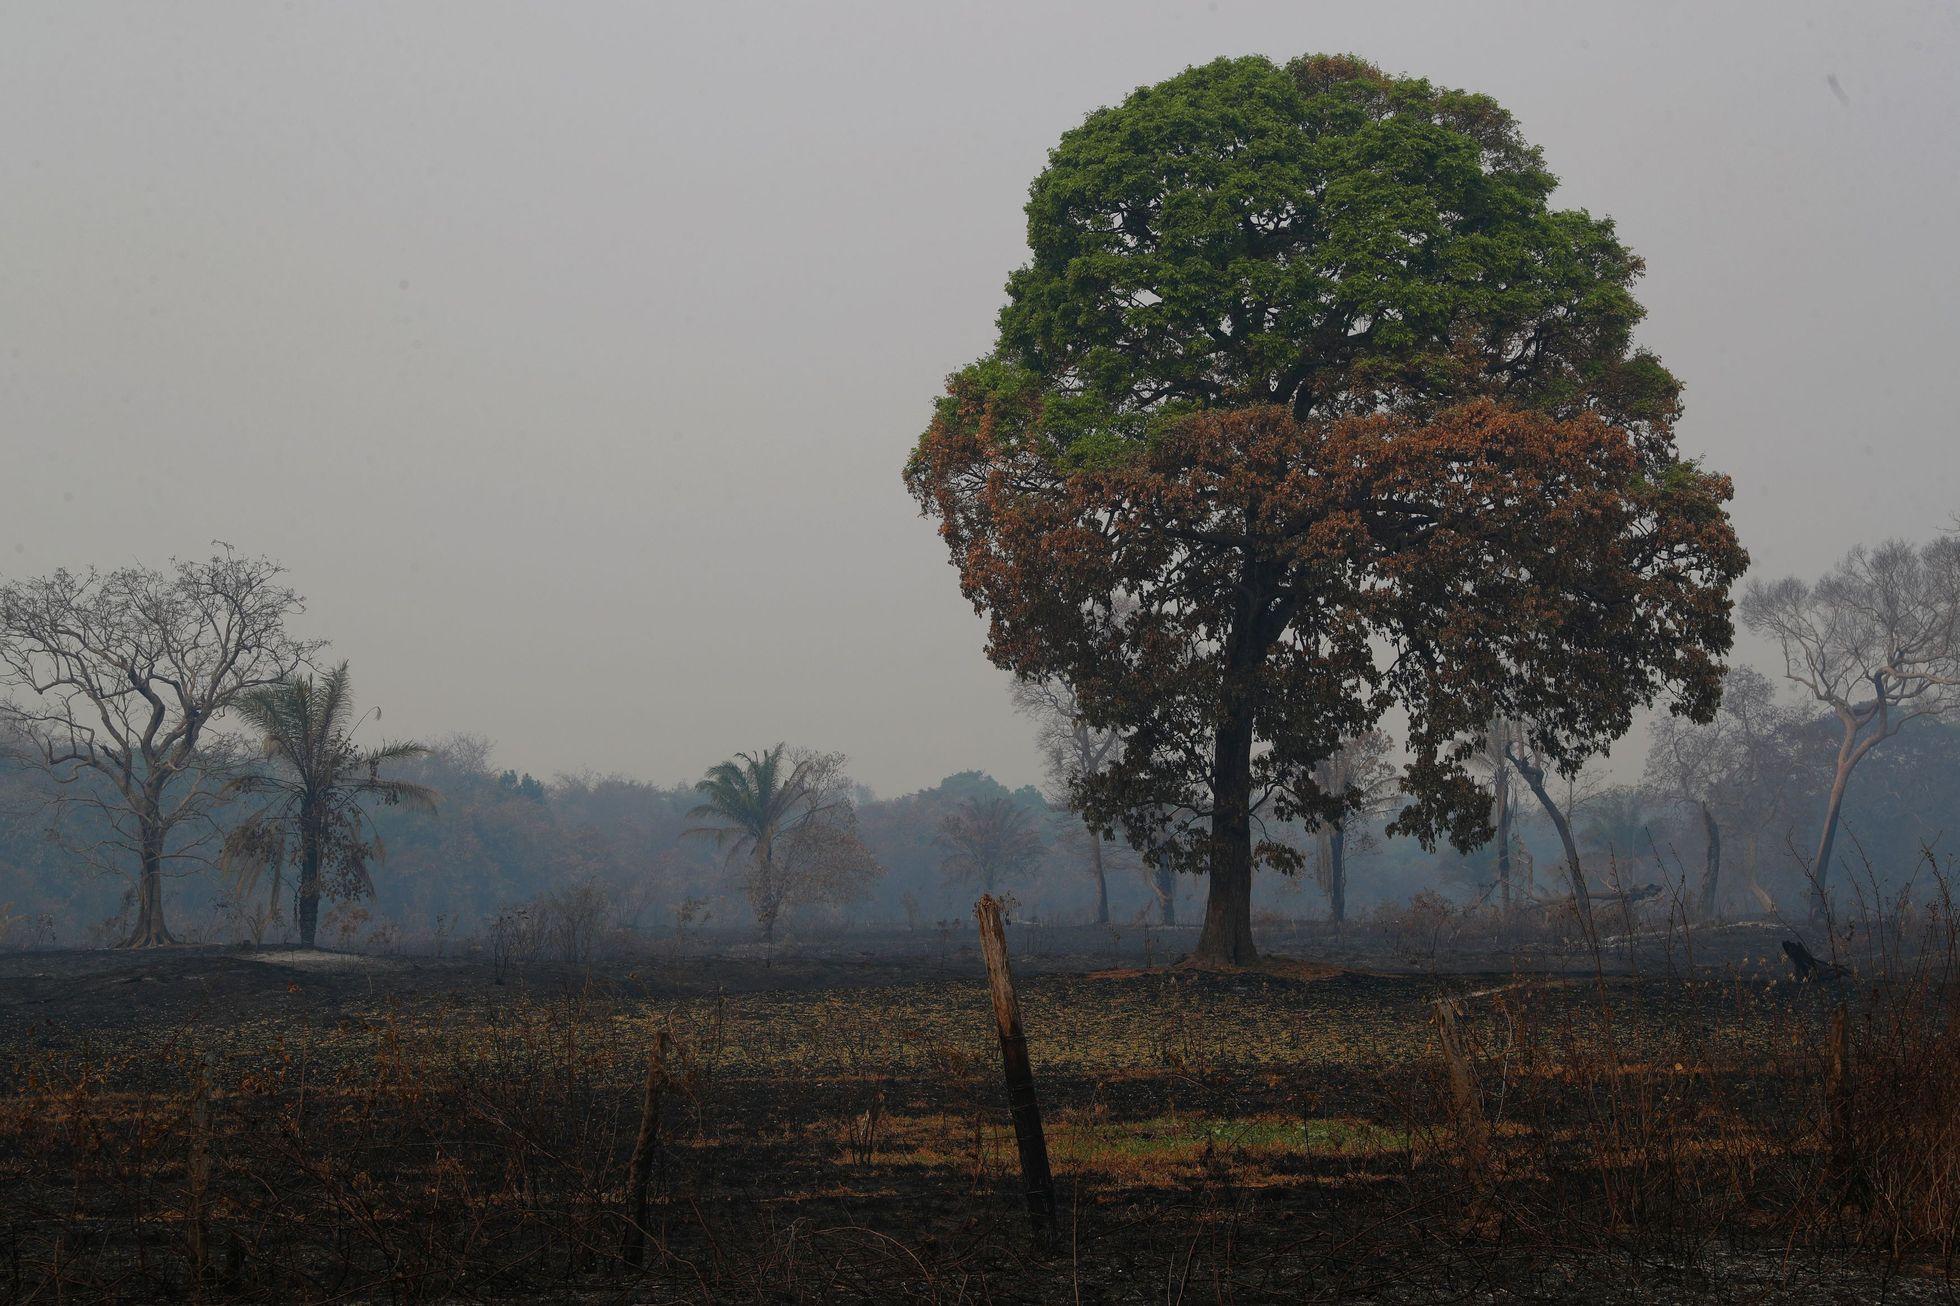 Kácení a pálení amazonského pralesa, který na severu sousedí s Pantanalem, podle odborníků dlouhodobě zhoršuje sucho v mokřadech. Chybí vlhkost a vodní pára, kterou prales vytváří.